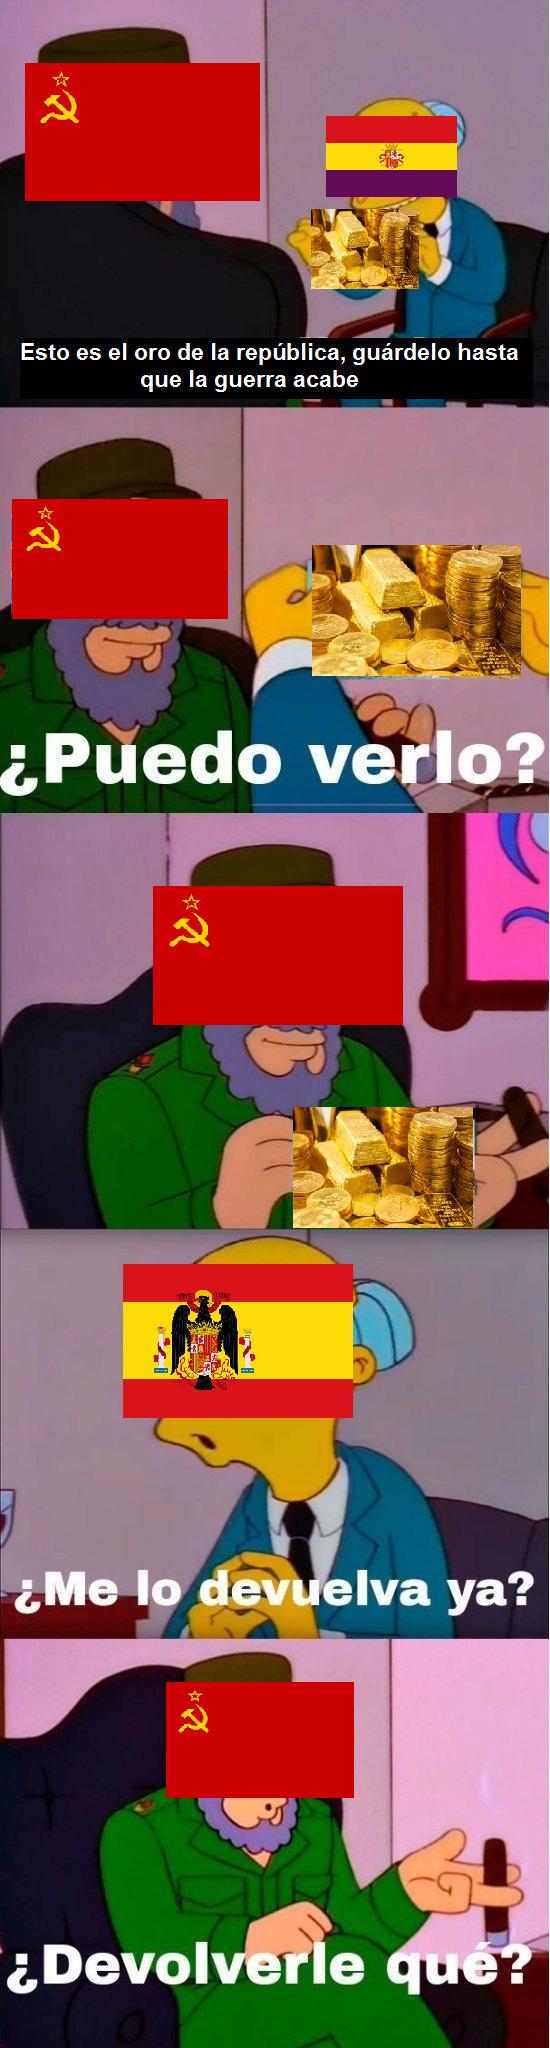 el 70% del oro de la república se lo quedó el señor Stalin - meme